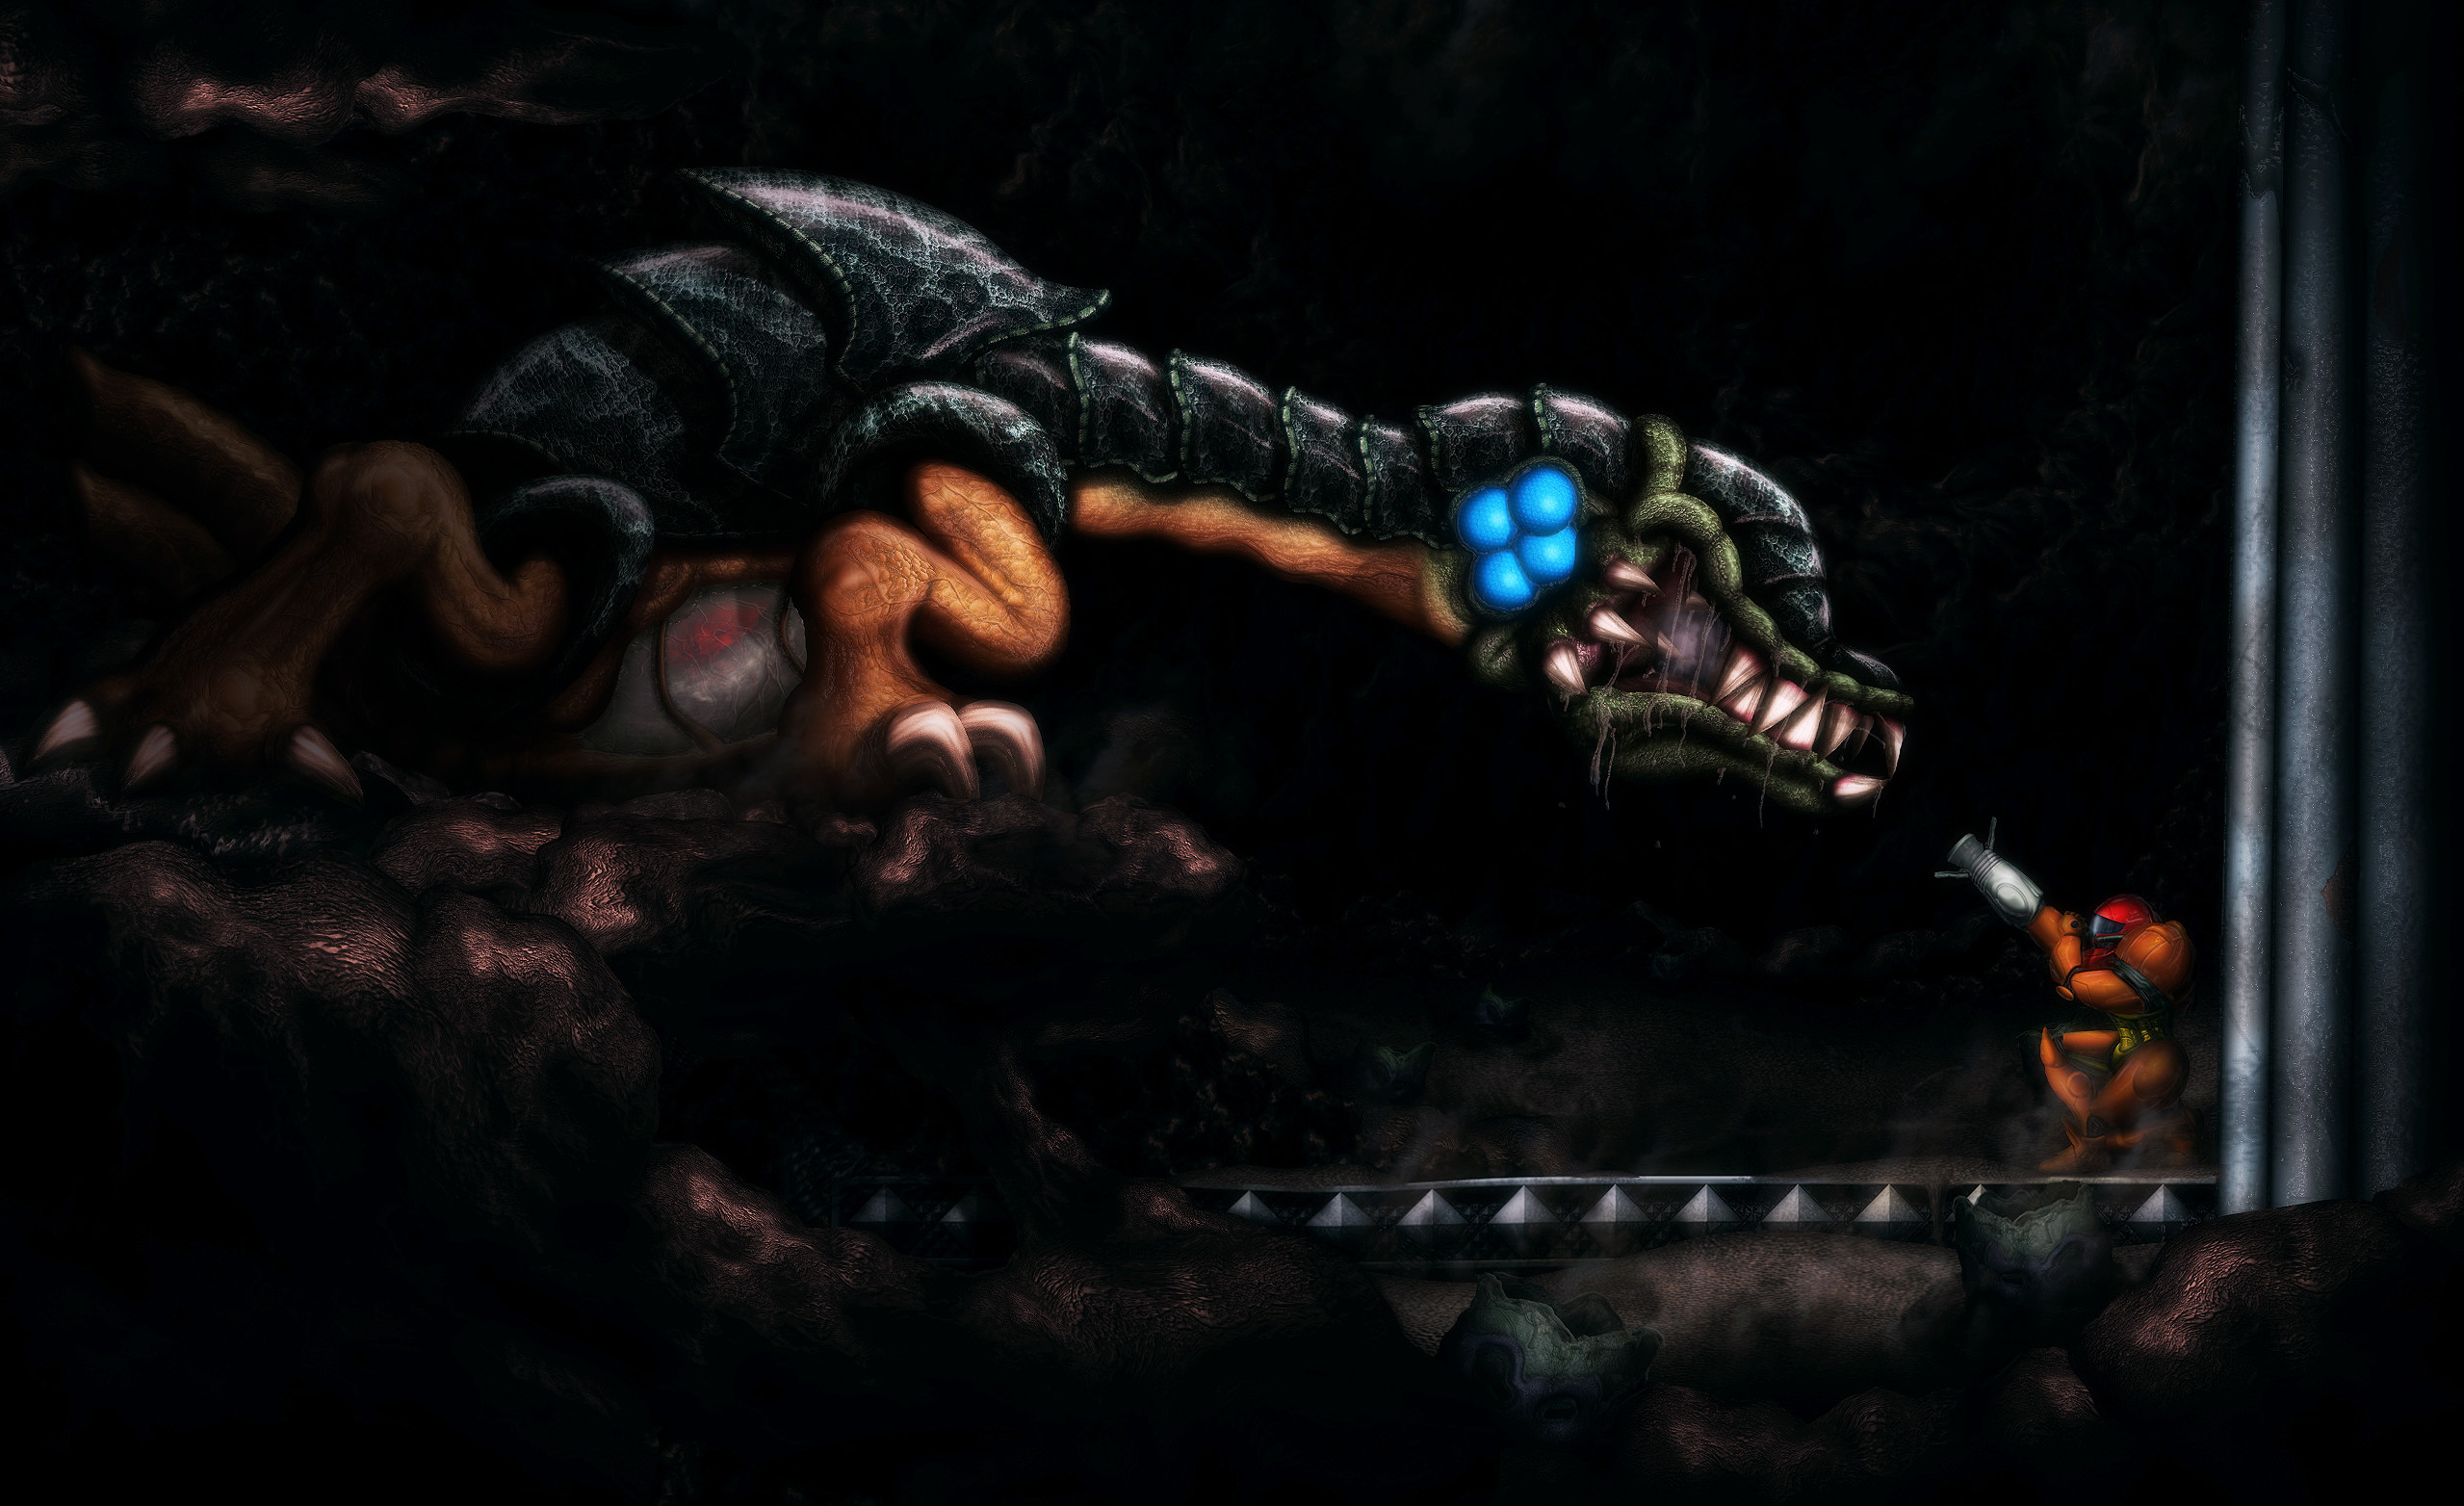 Video Game – Metroid Wallpaper